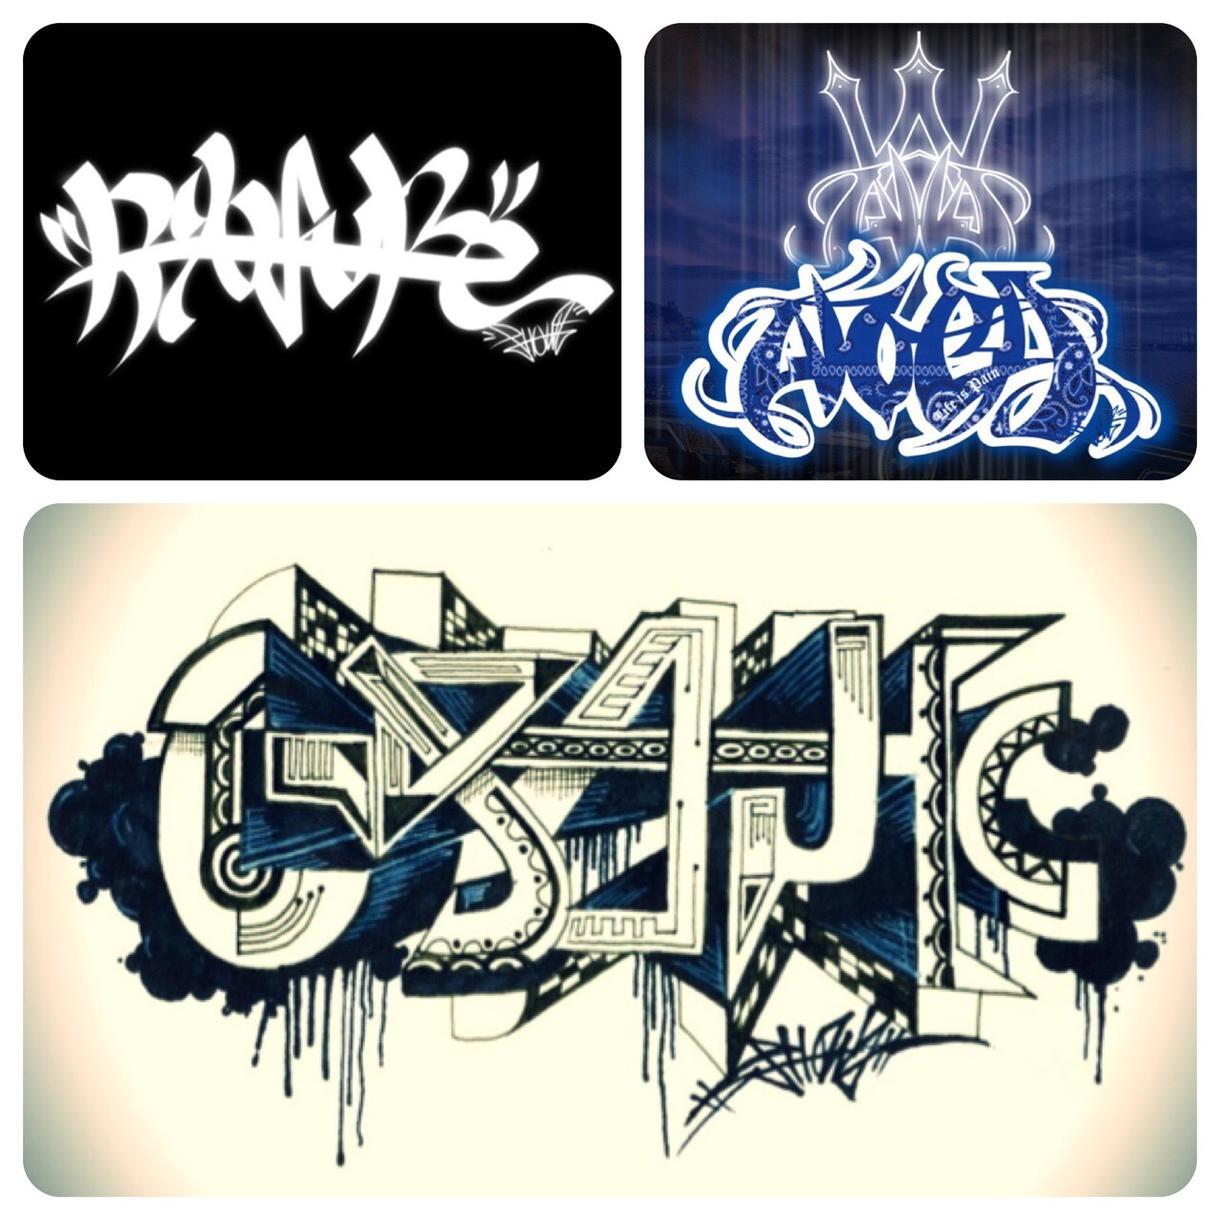 オリジナルグラフィティーアート作成します Tシャツやチームのロゴ、画像などオリジナルのロゴ作りたい方へ